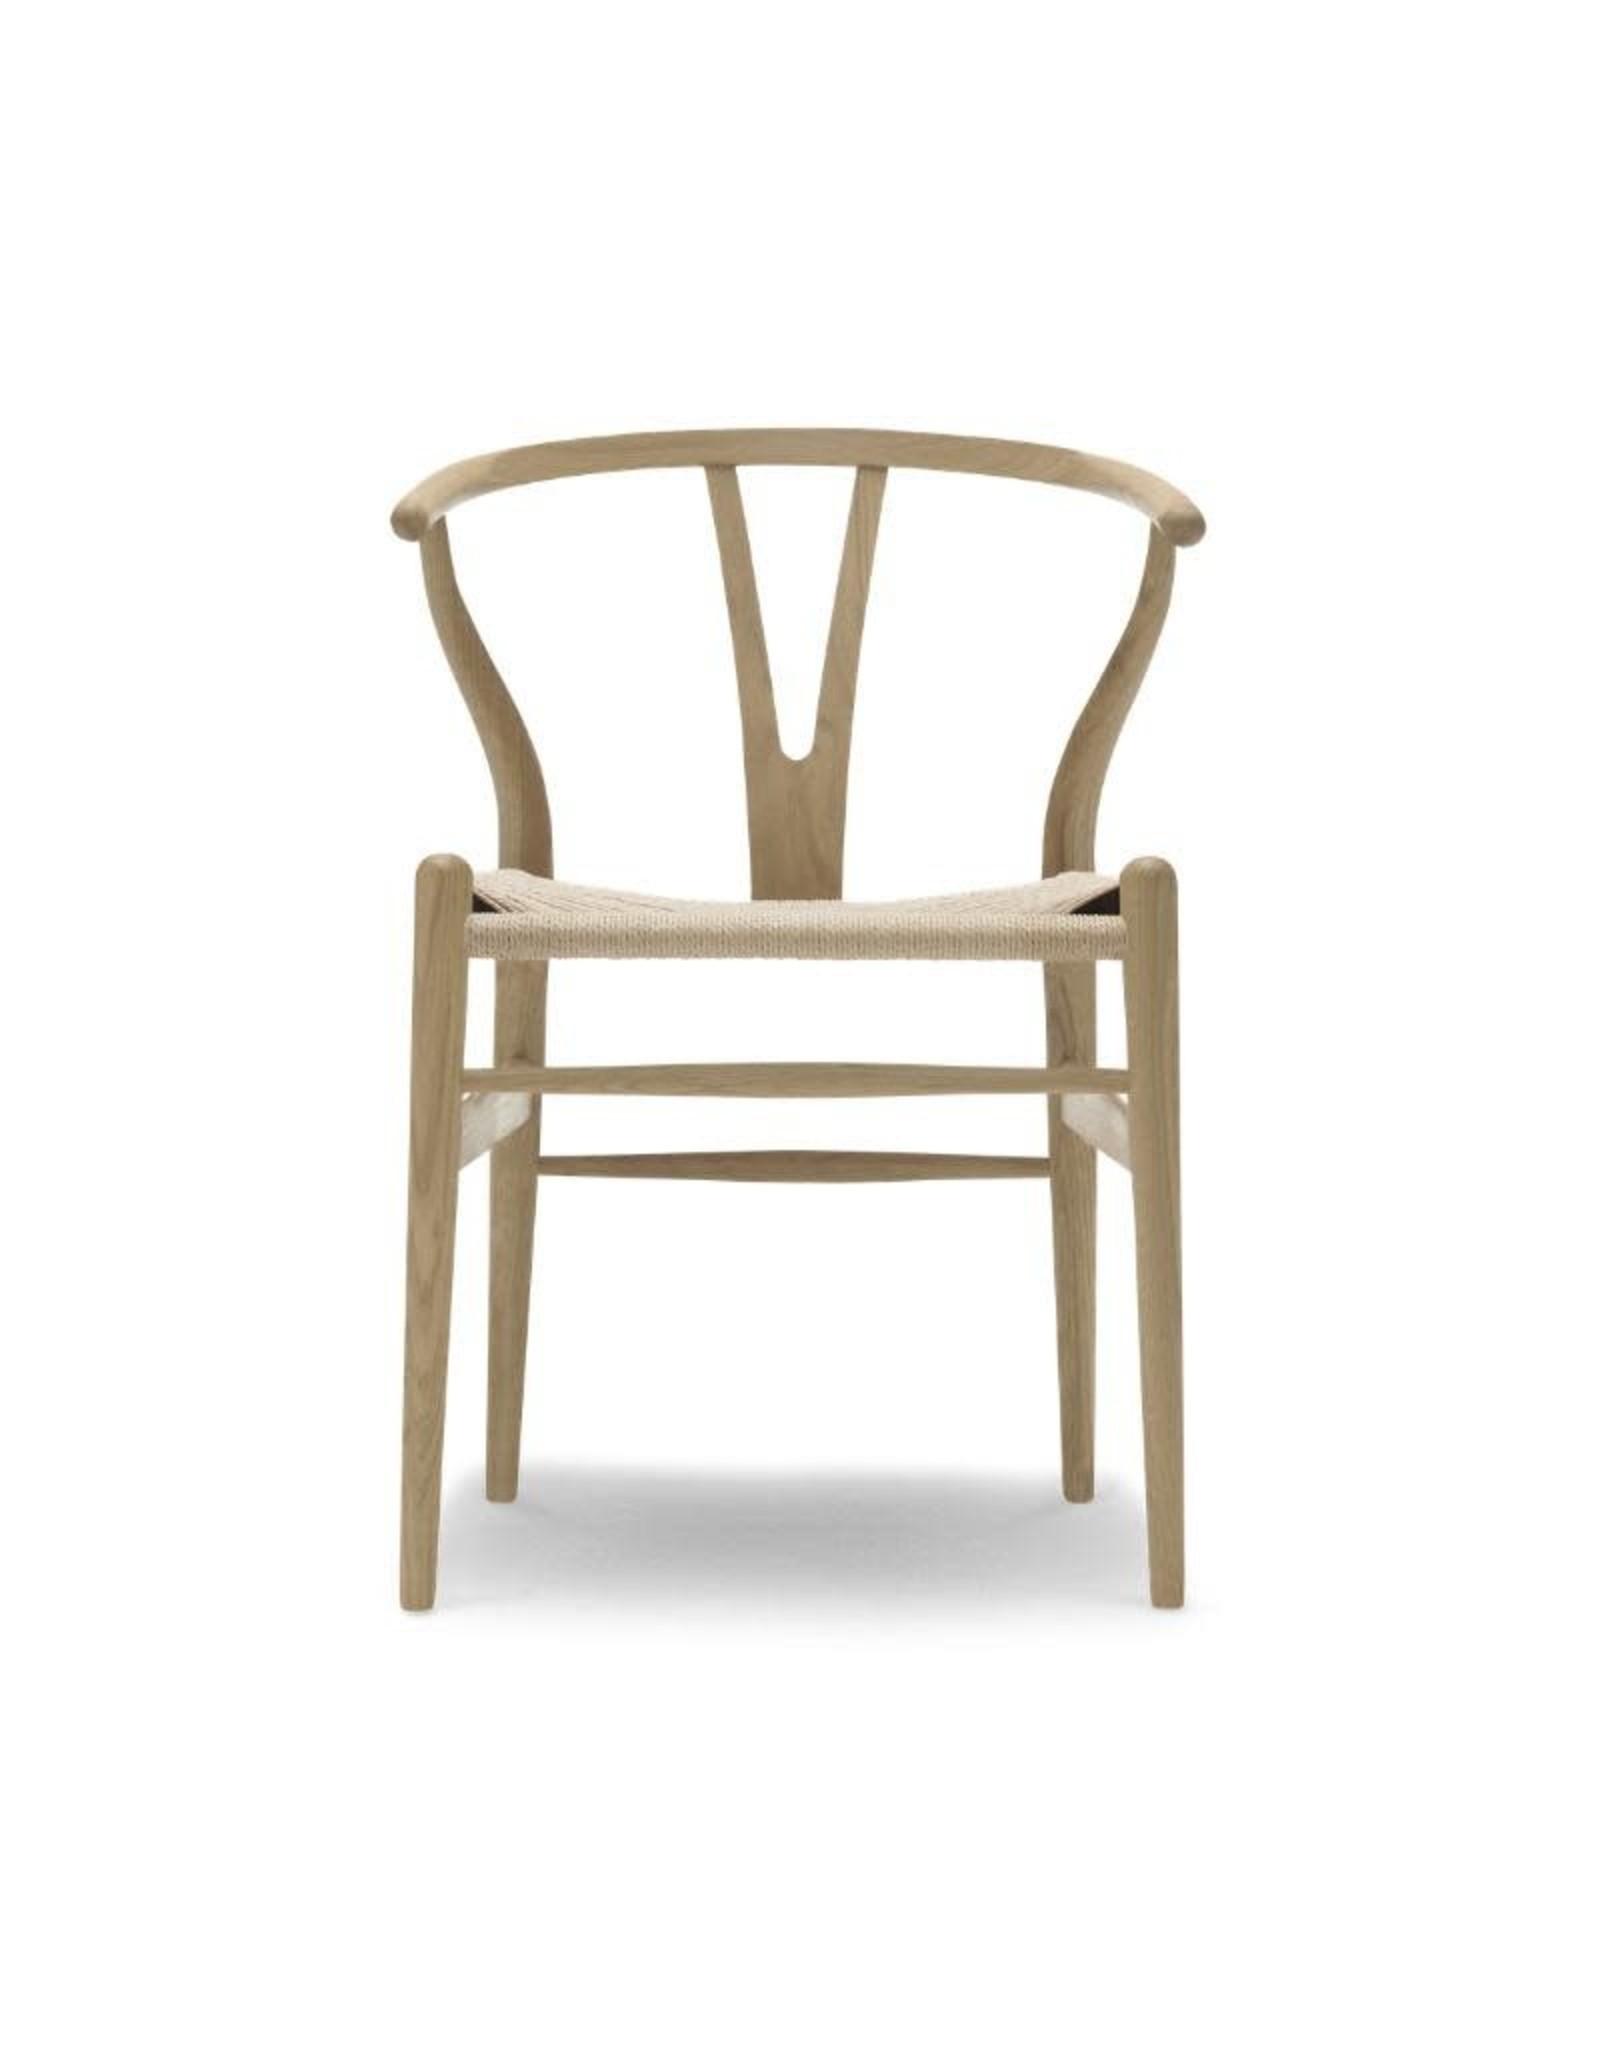 CARL HANSEN & SON CH24 叉骨椅